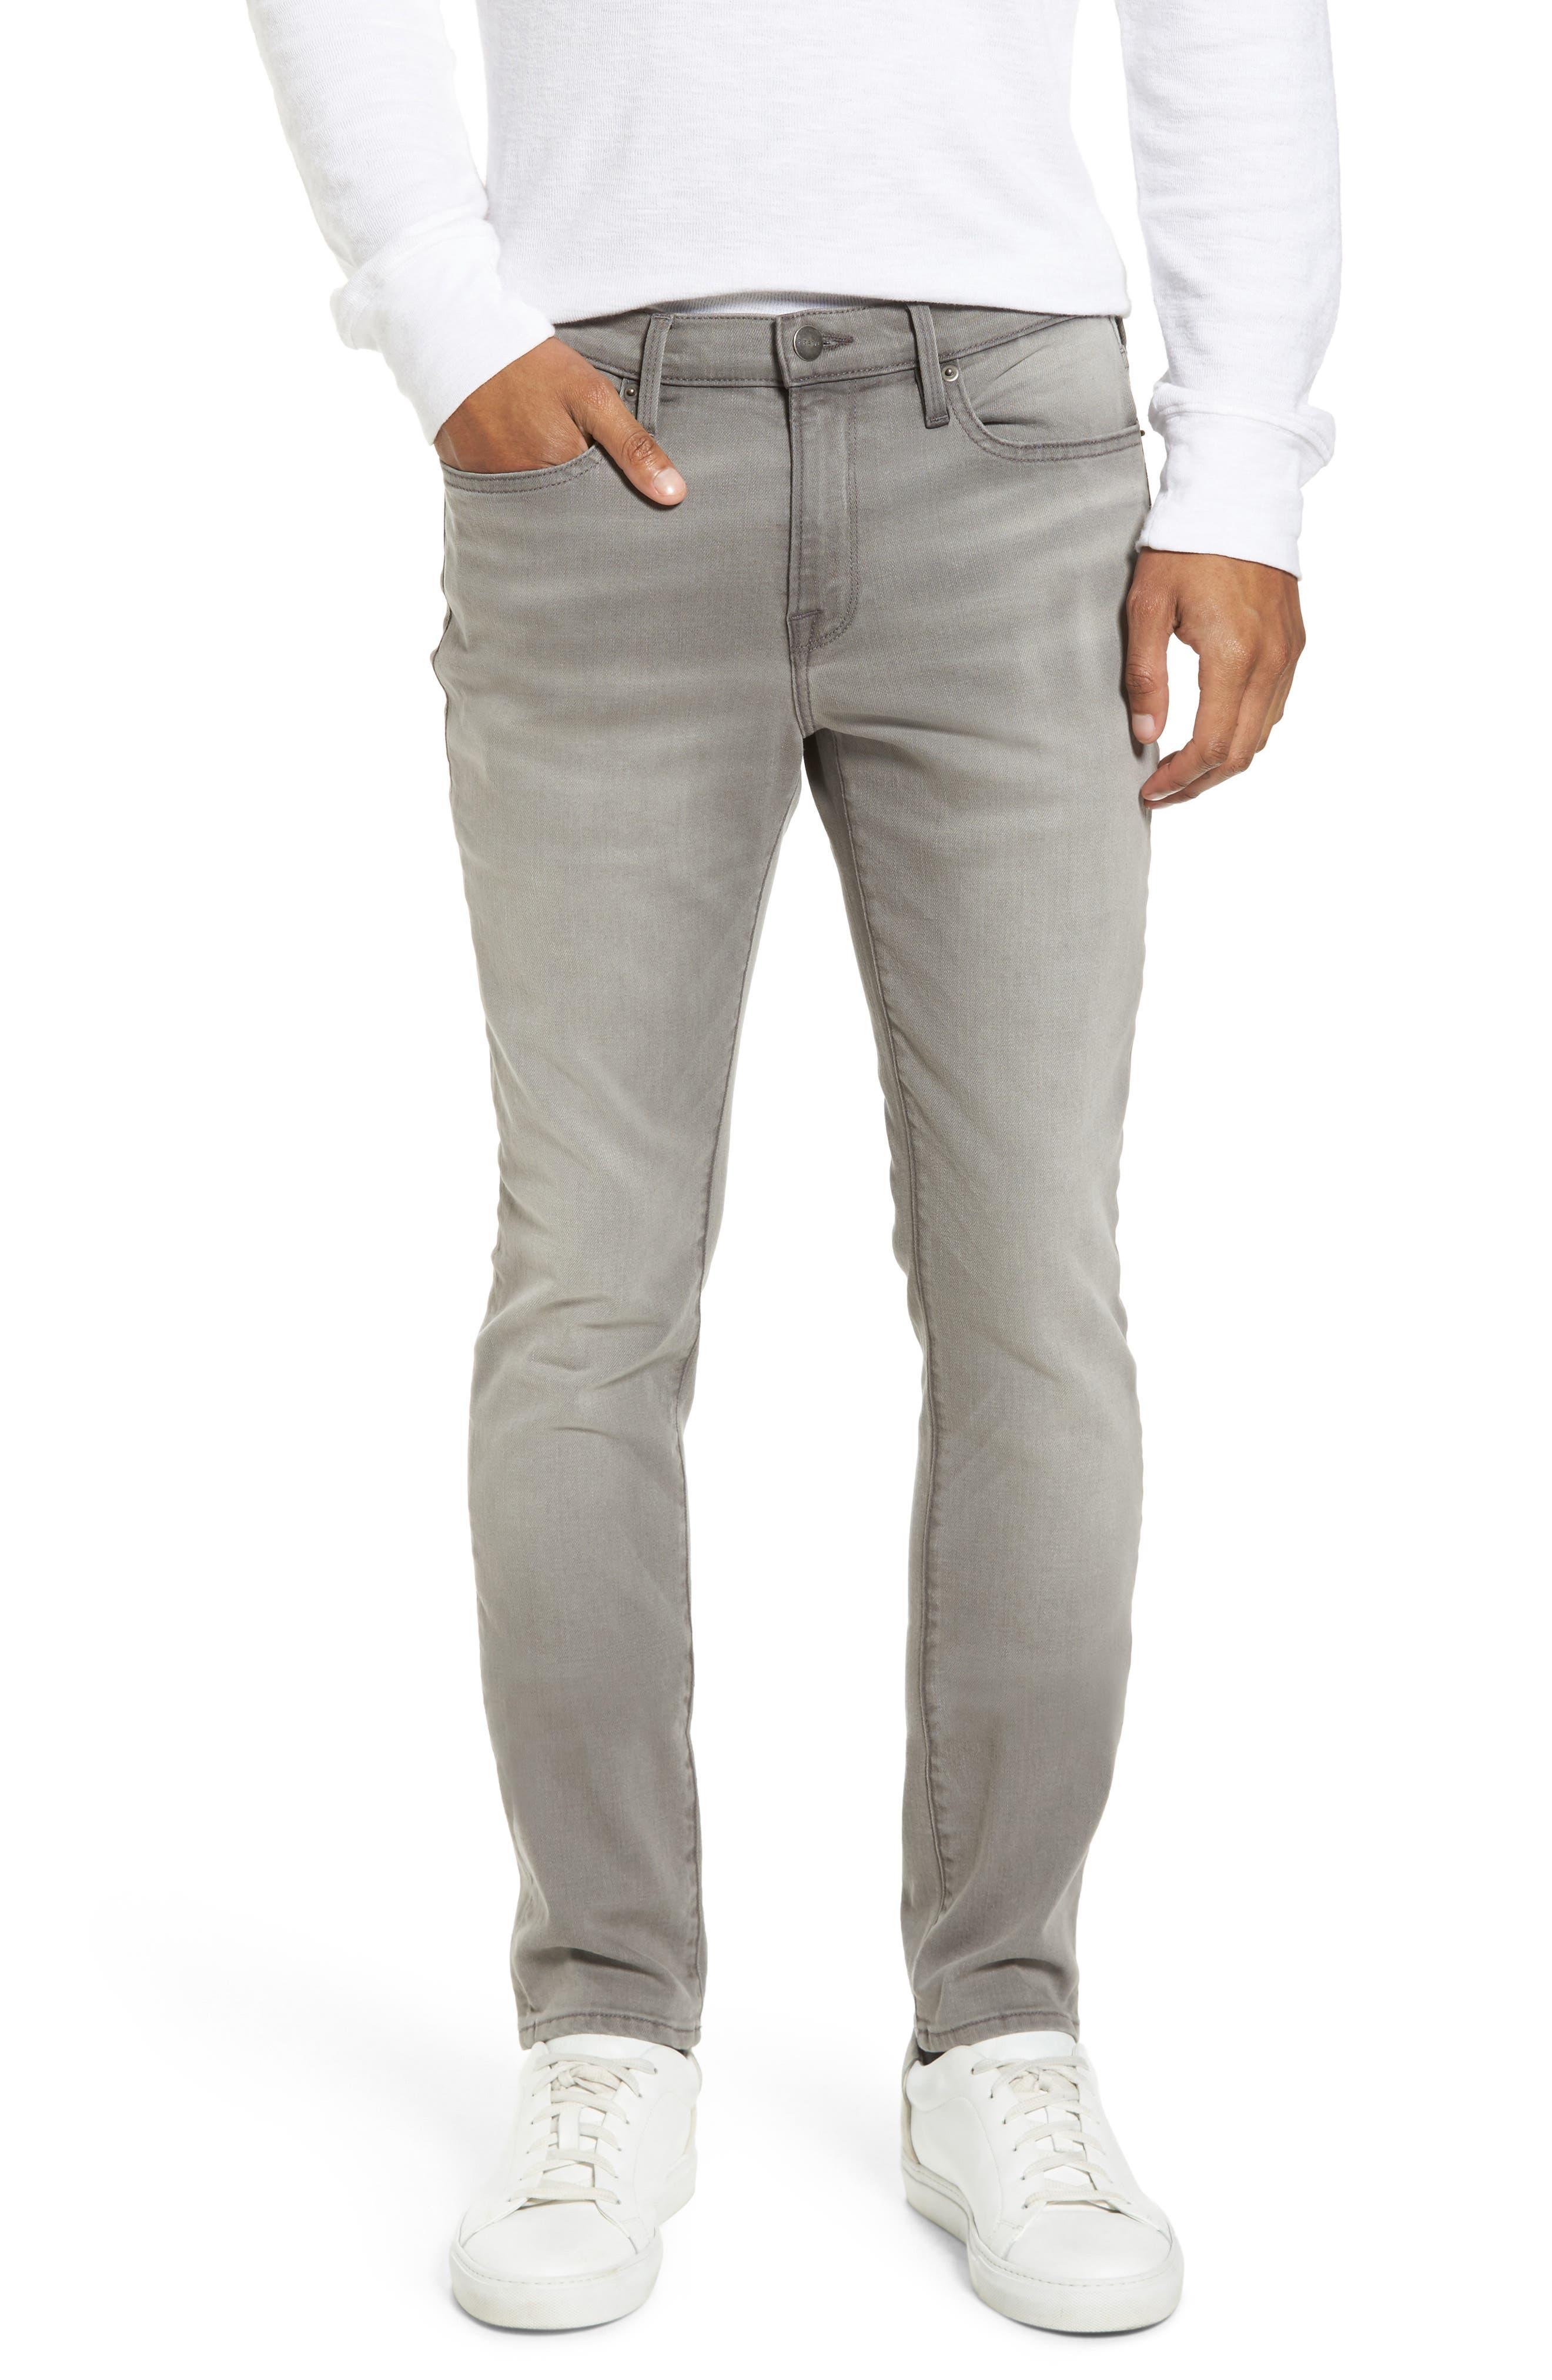 L'Homme Slim Fit Jeans,                         Main,                         color, 030